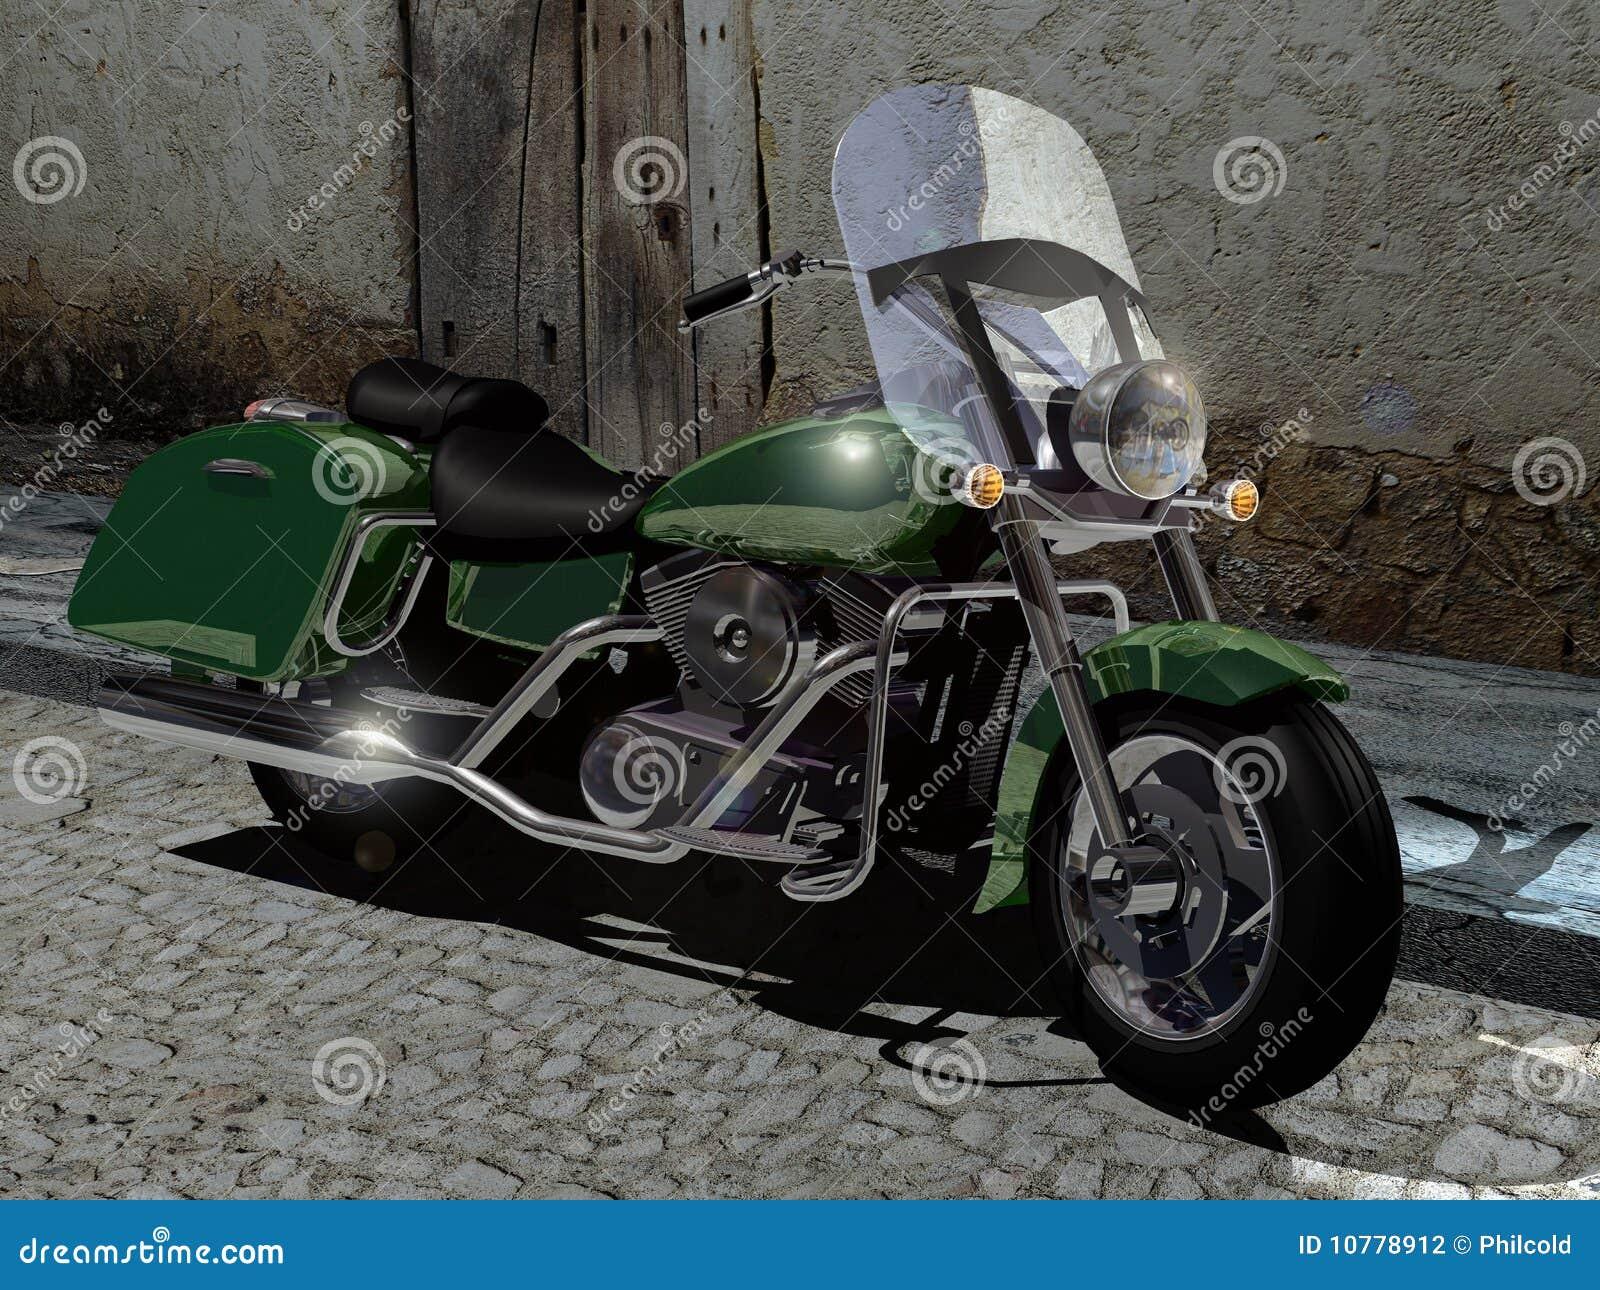 återställd motorcykel